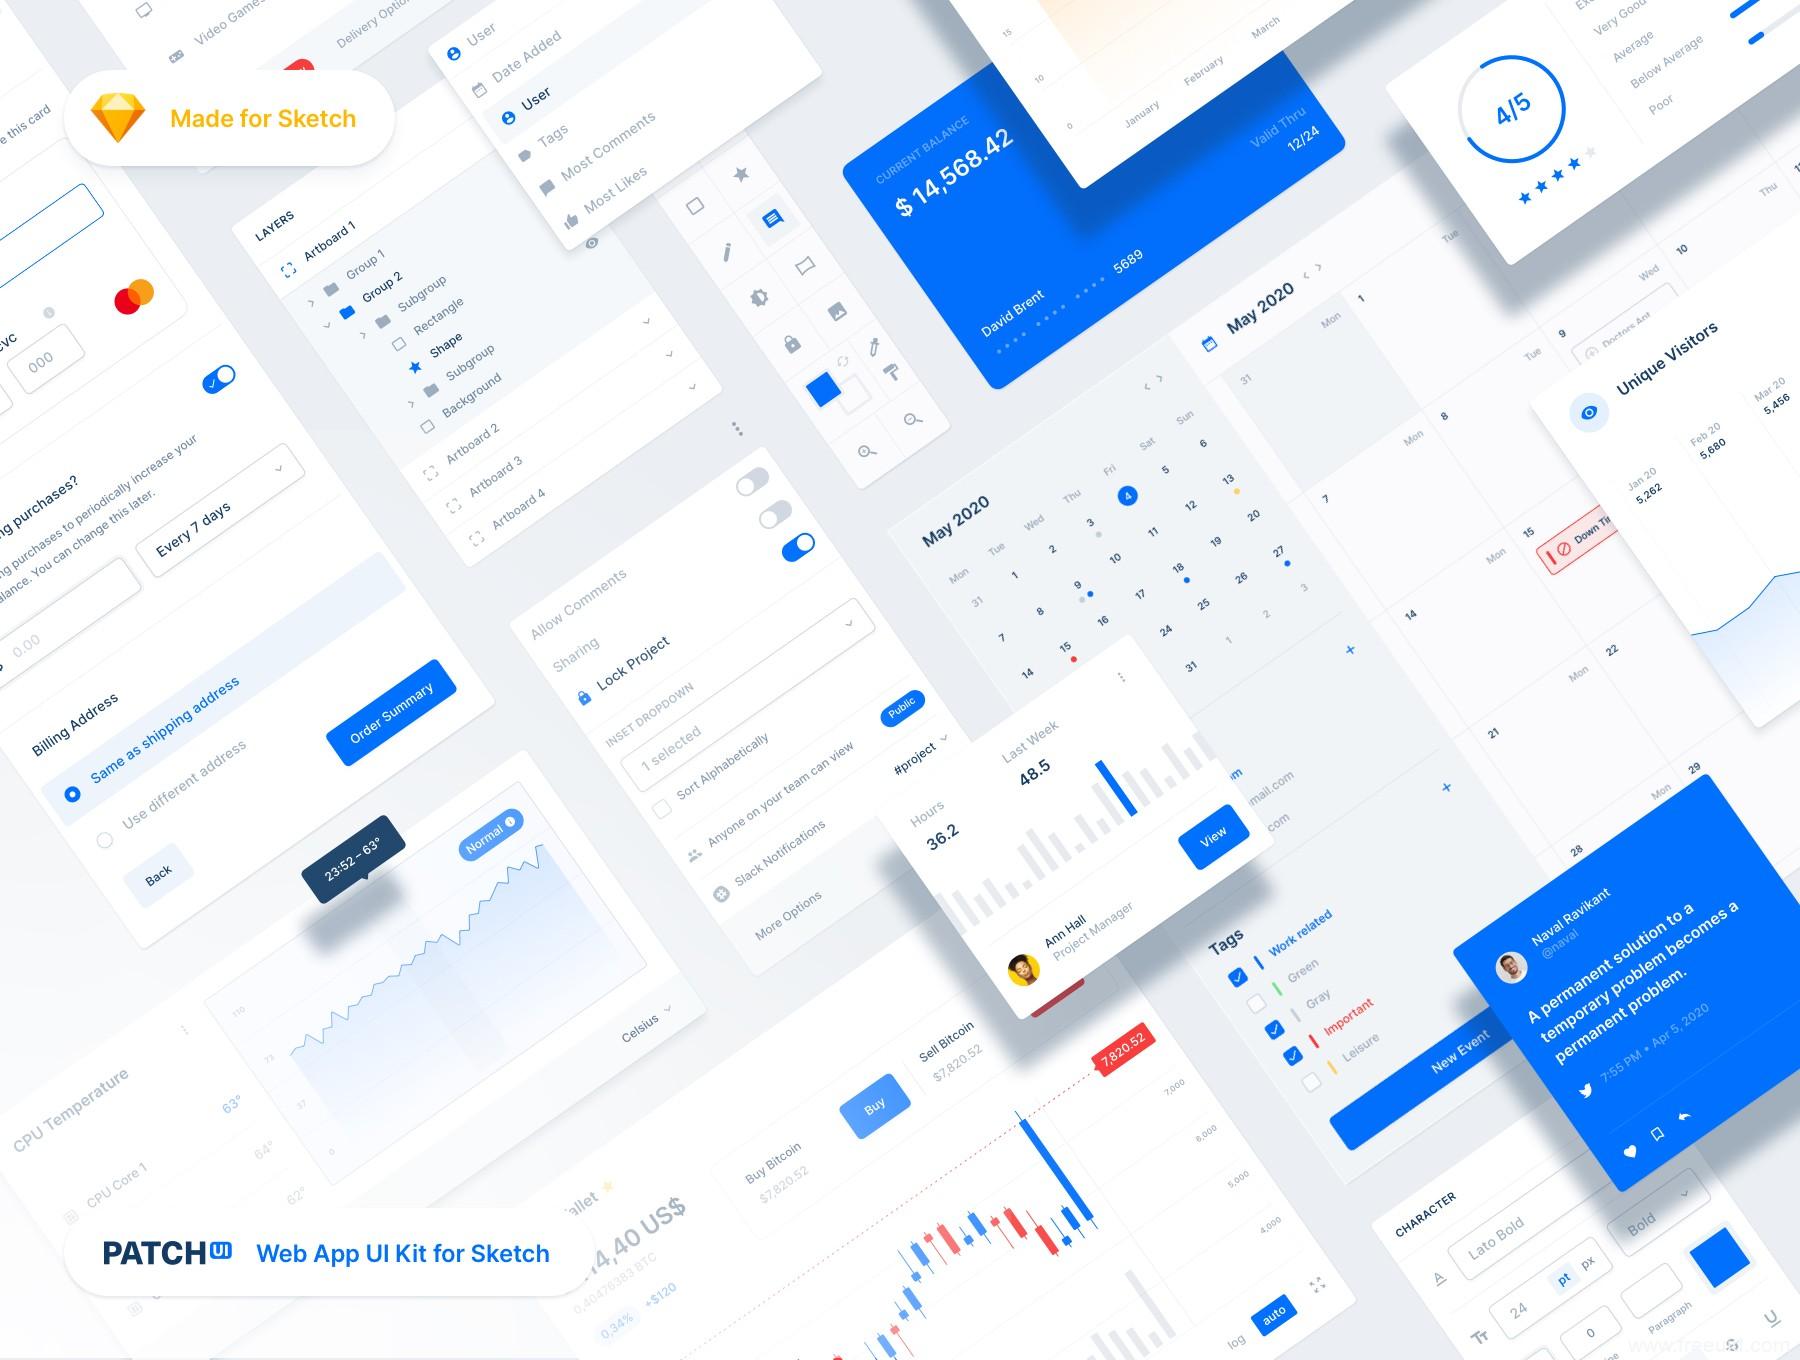 超全B端页面UI组件sketch套件下载,B端产品网页设计UI kit sketch源文件